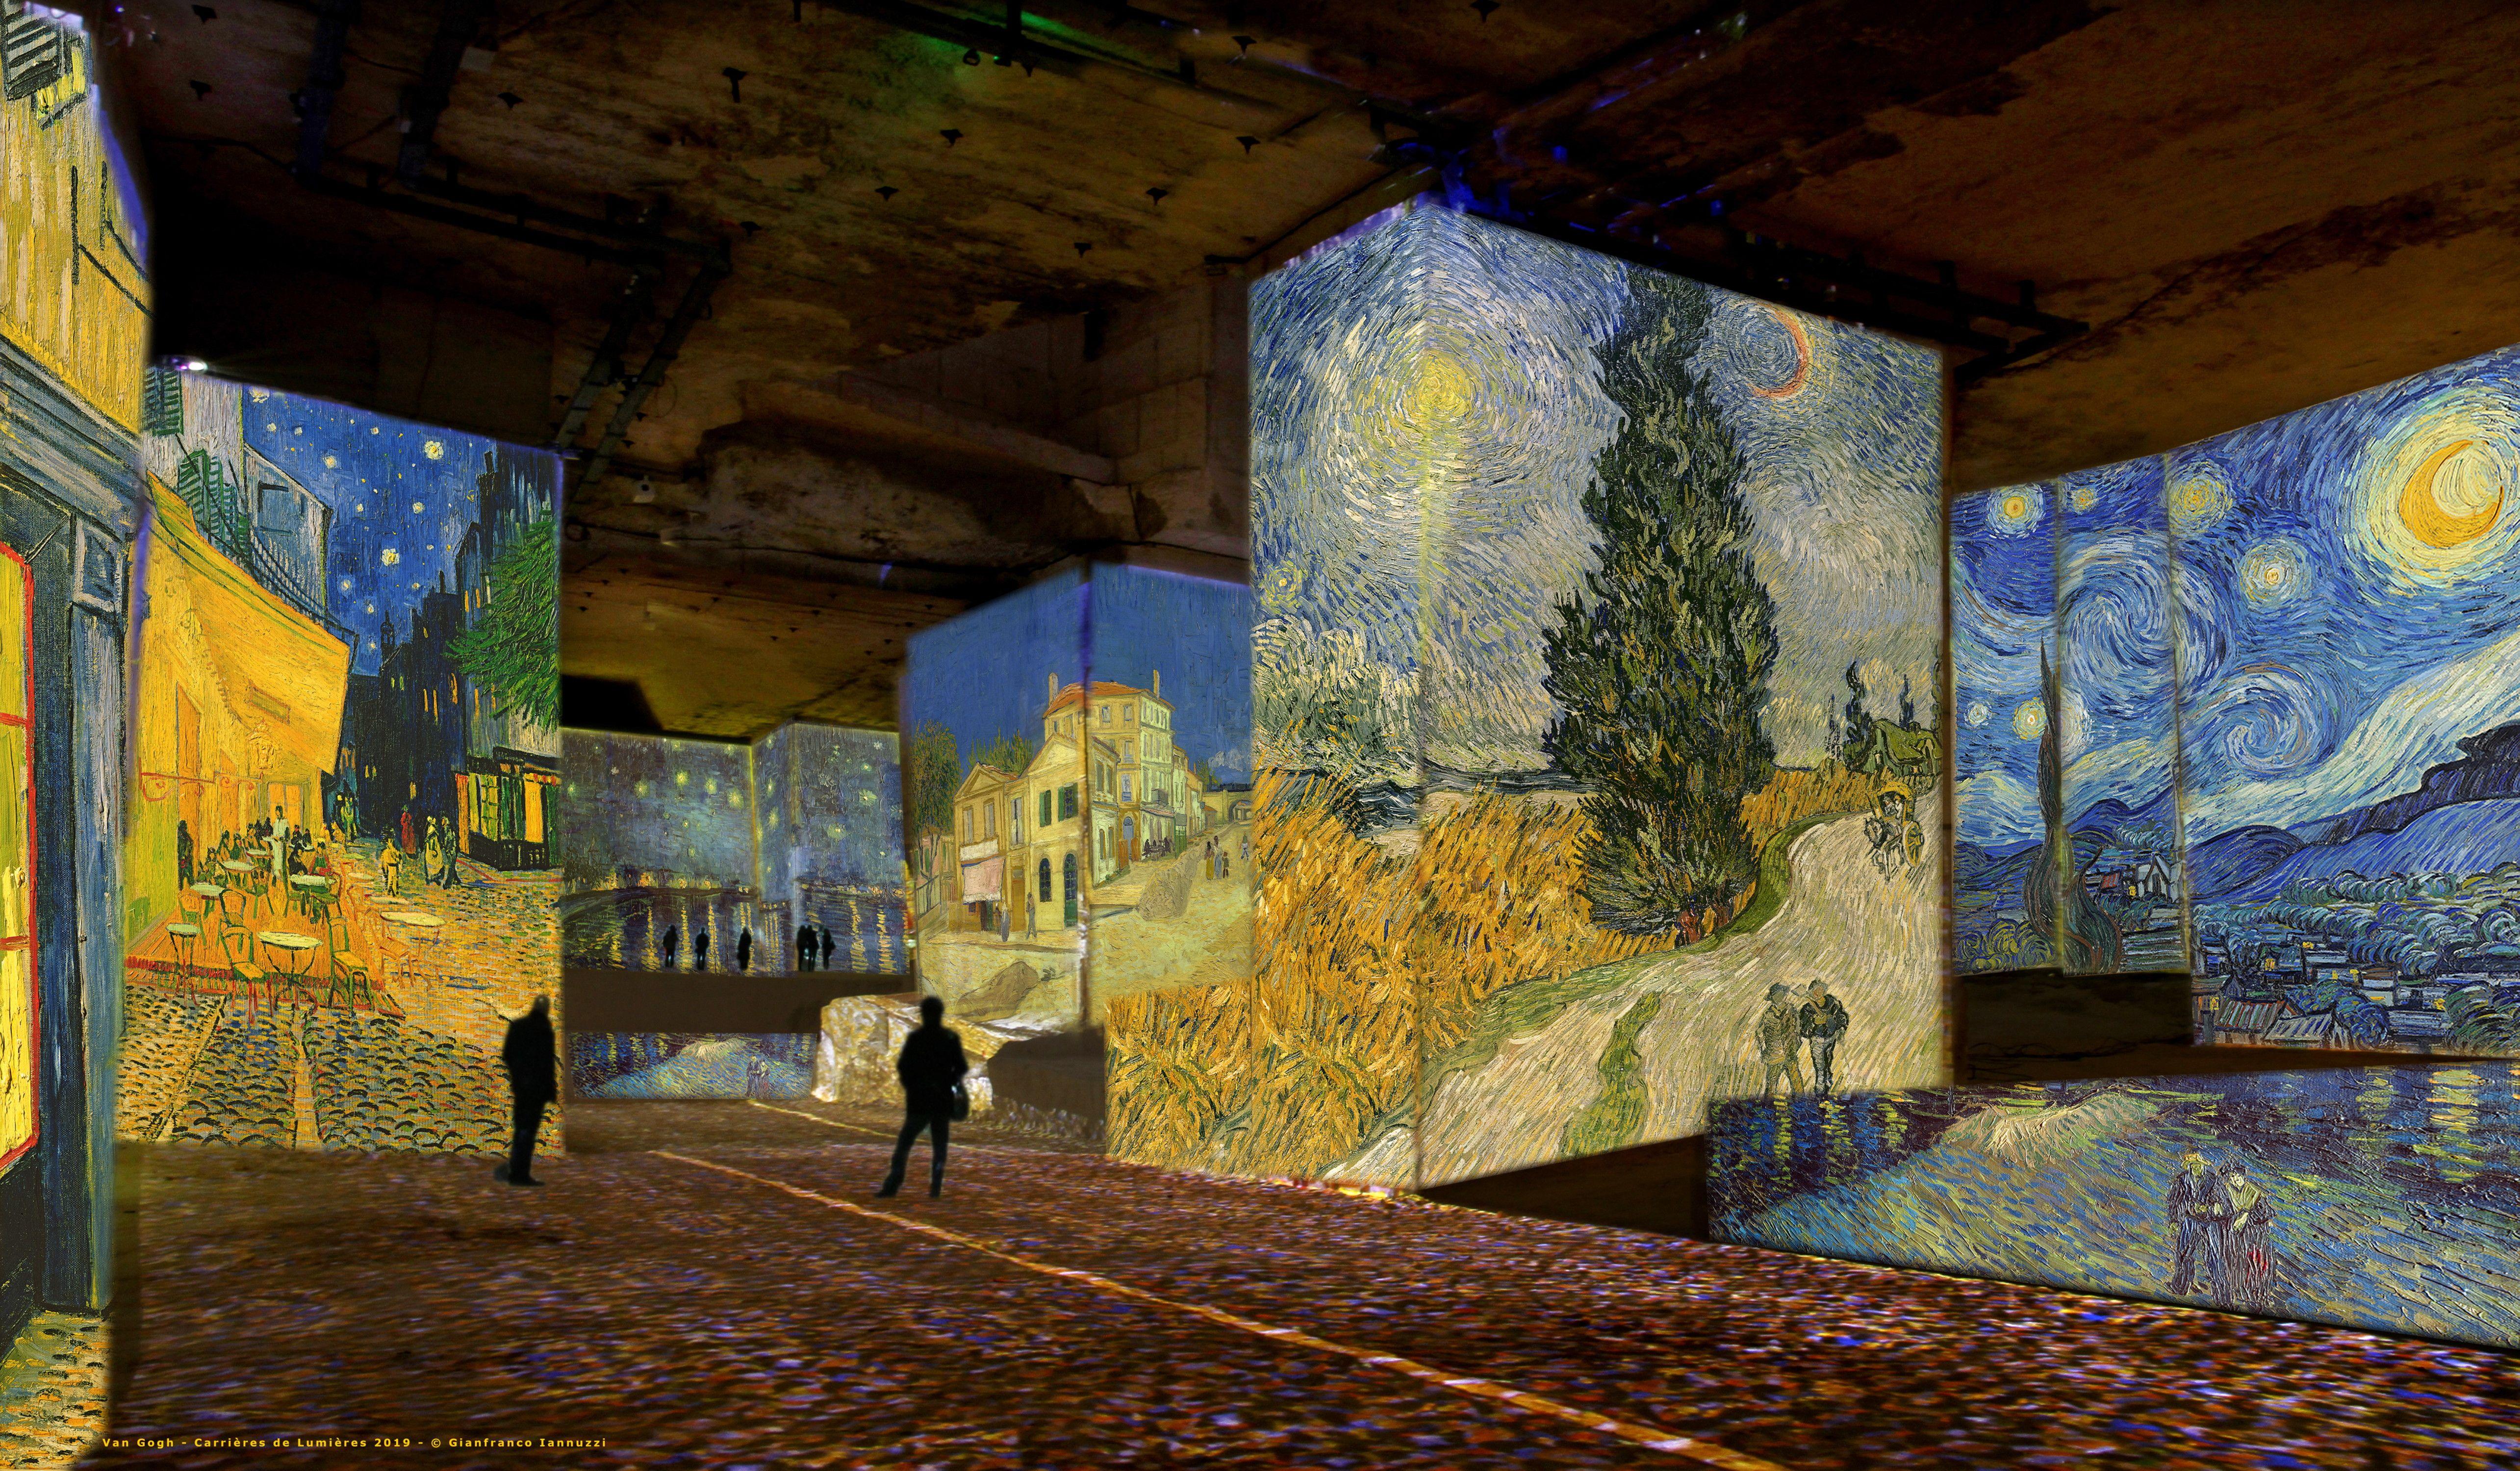 Les Baux De Provence Van Gogh Aux Carrieres De Lumieres En 2019 Baux De Provence Van Gogh Nuits Etoilees